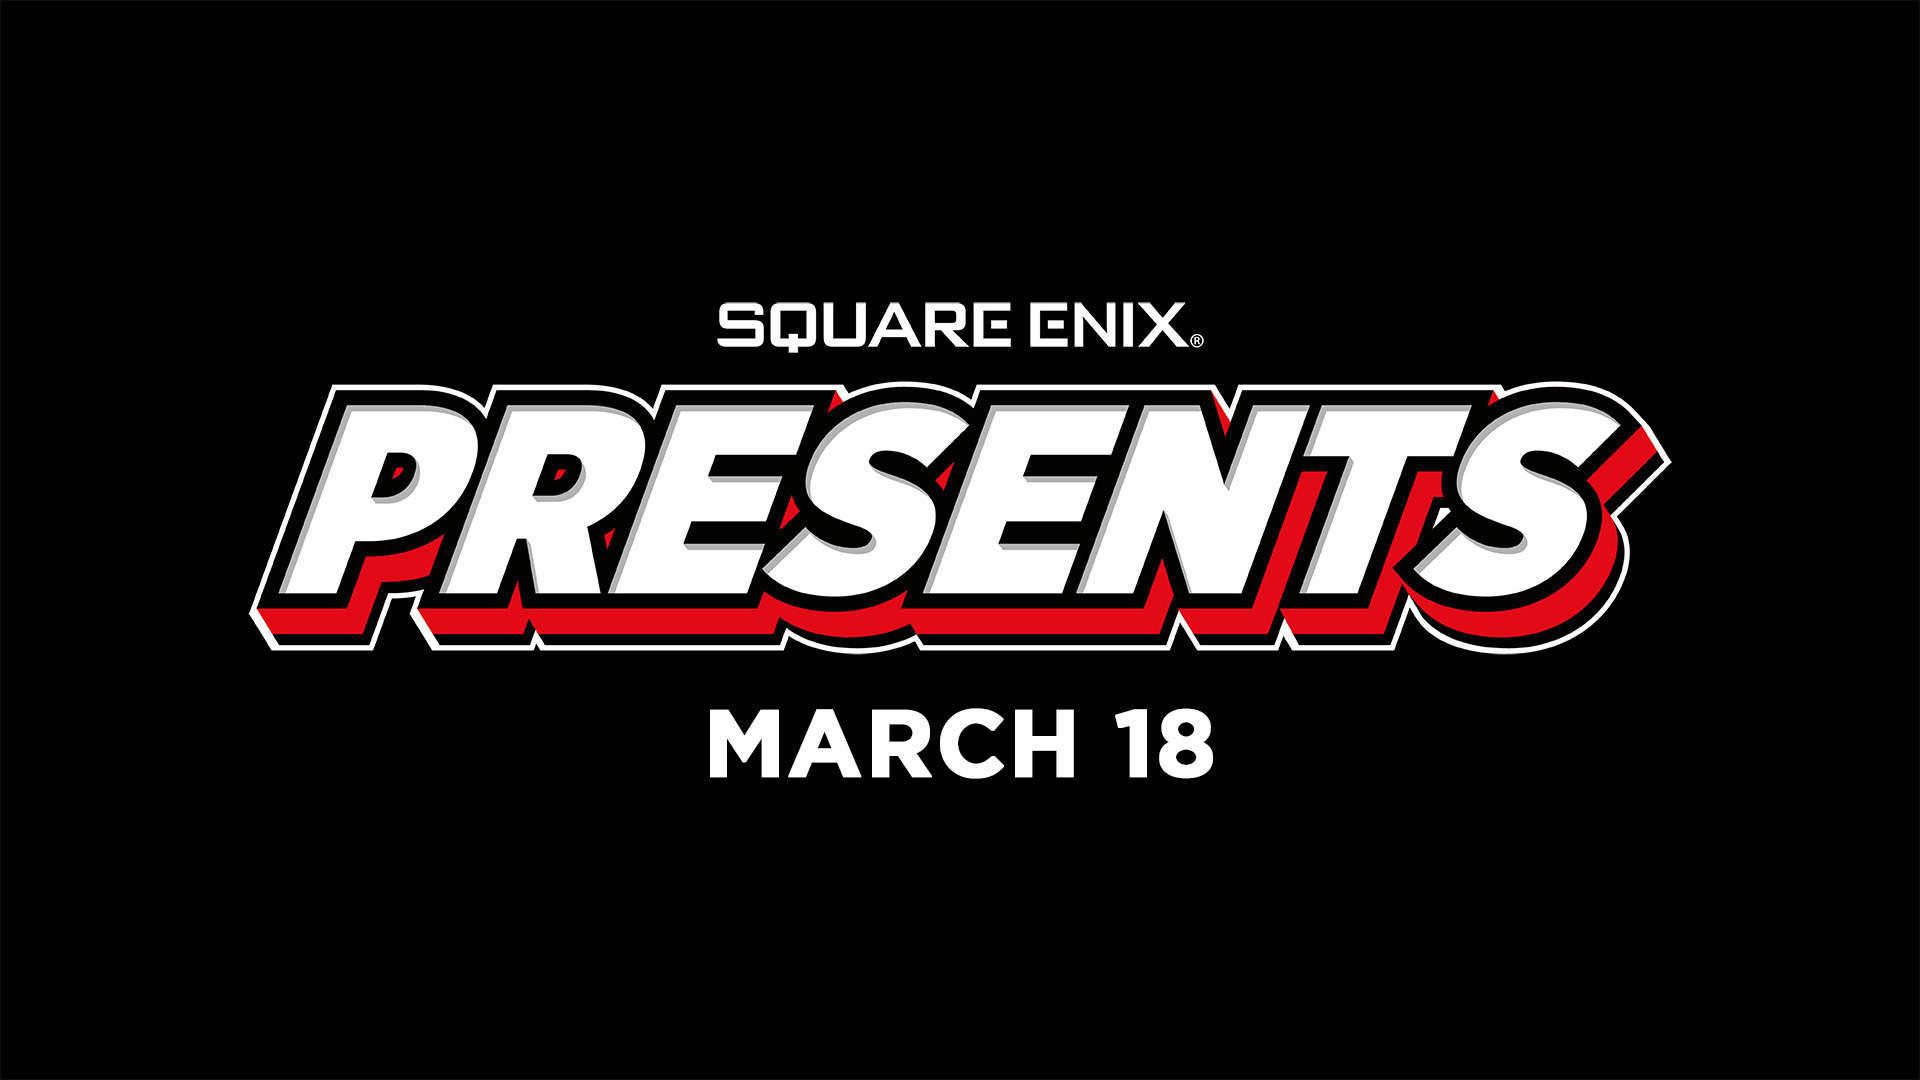 Jogos: Square Enix Presents: saiba tudo o que rolou no evento!